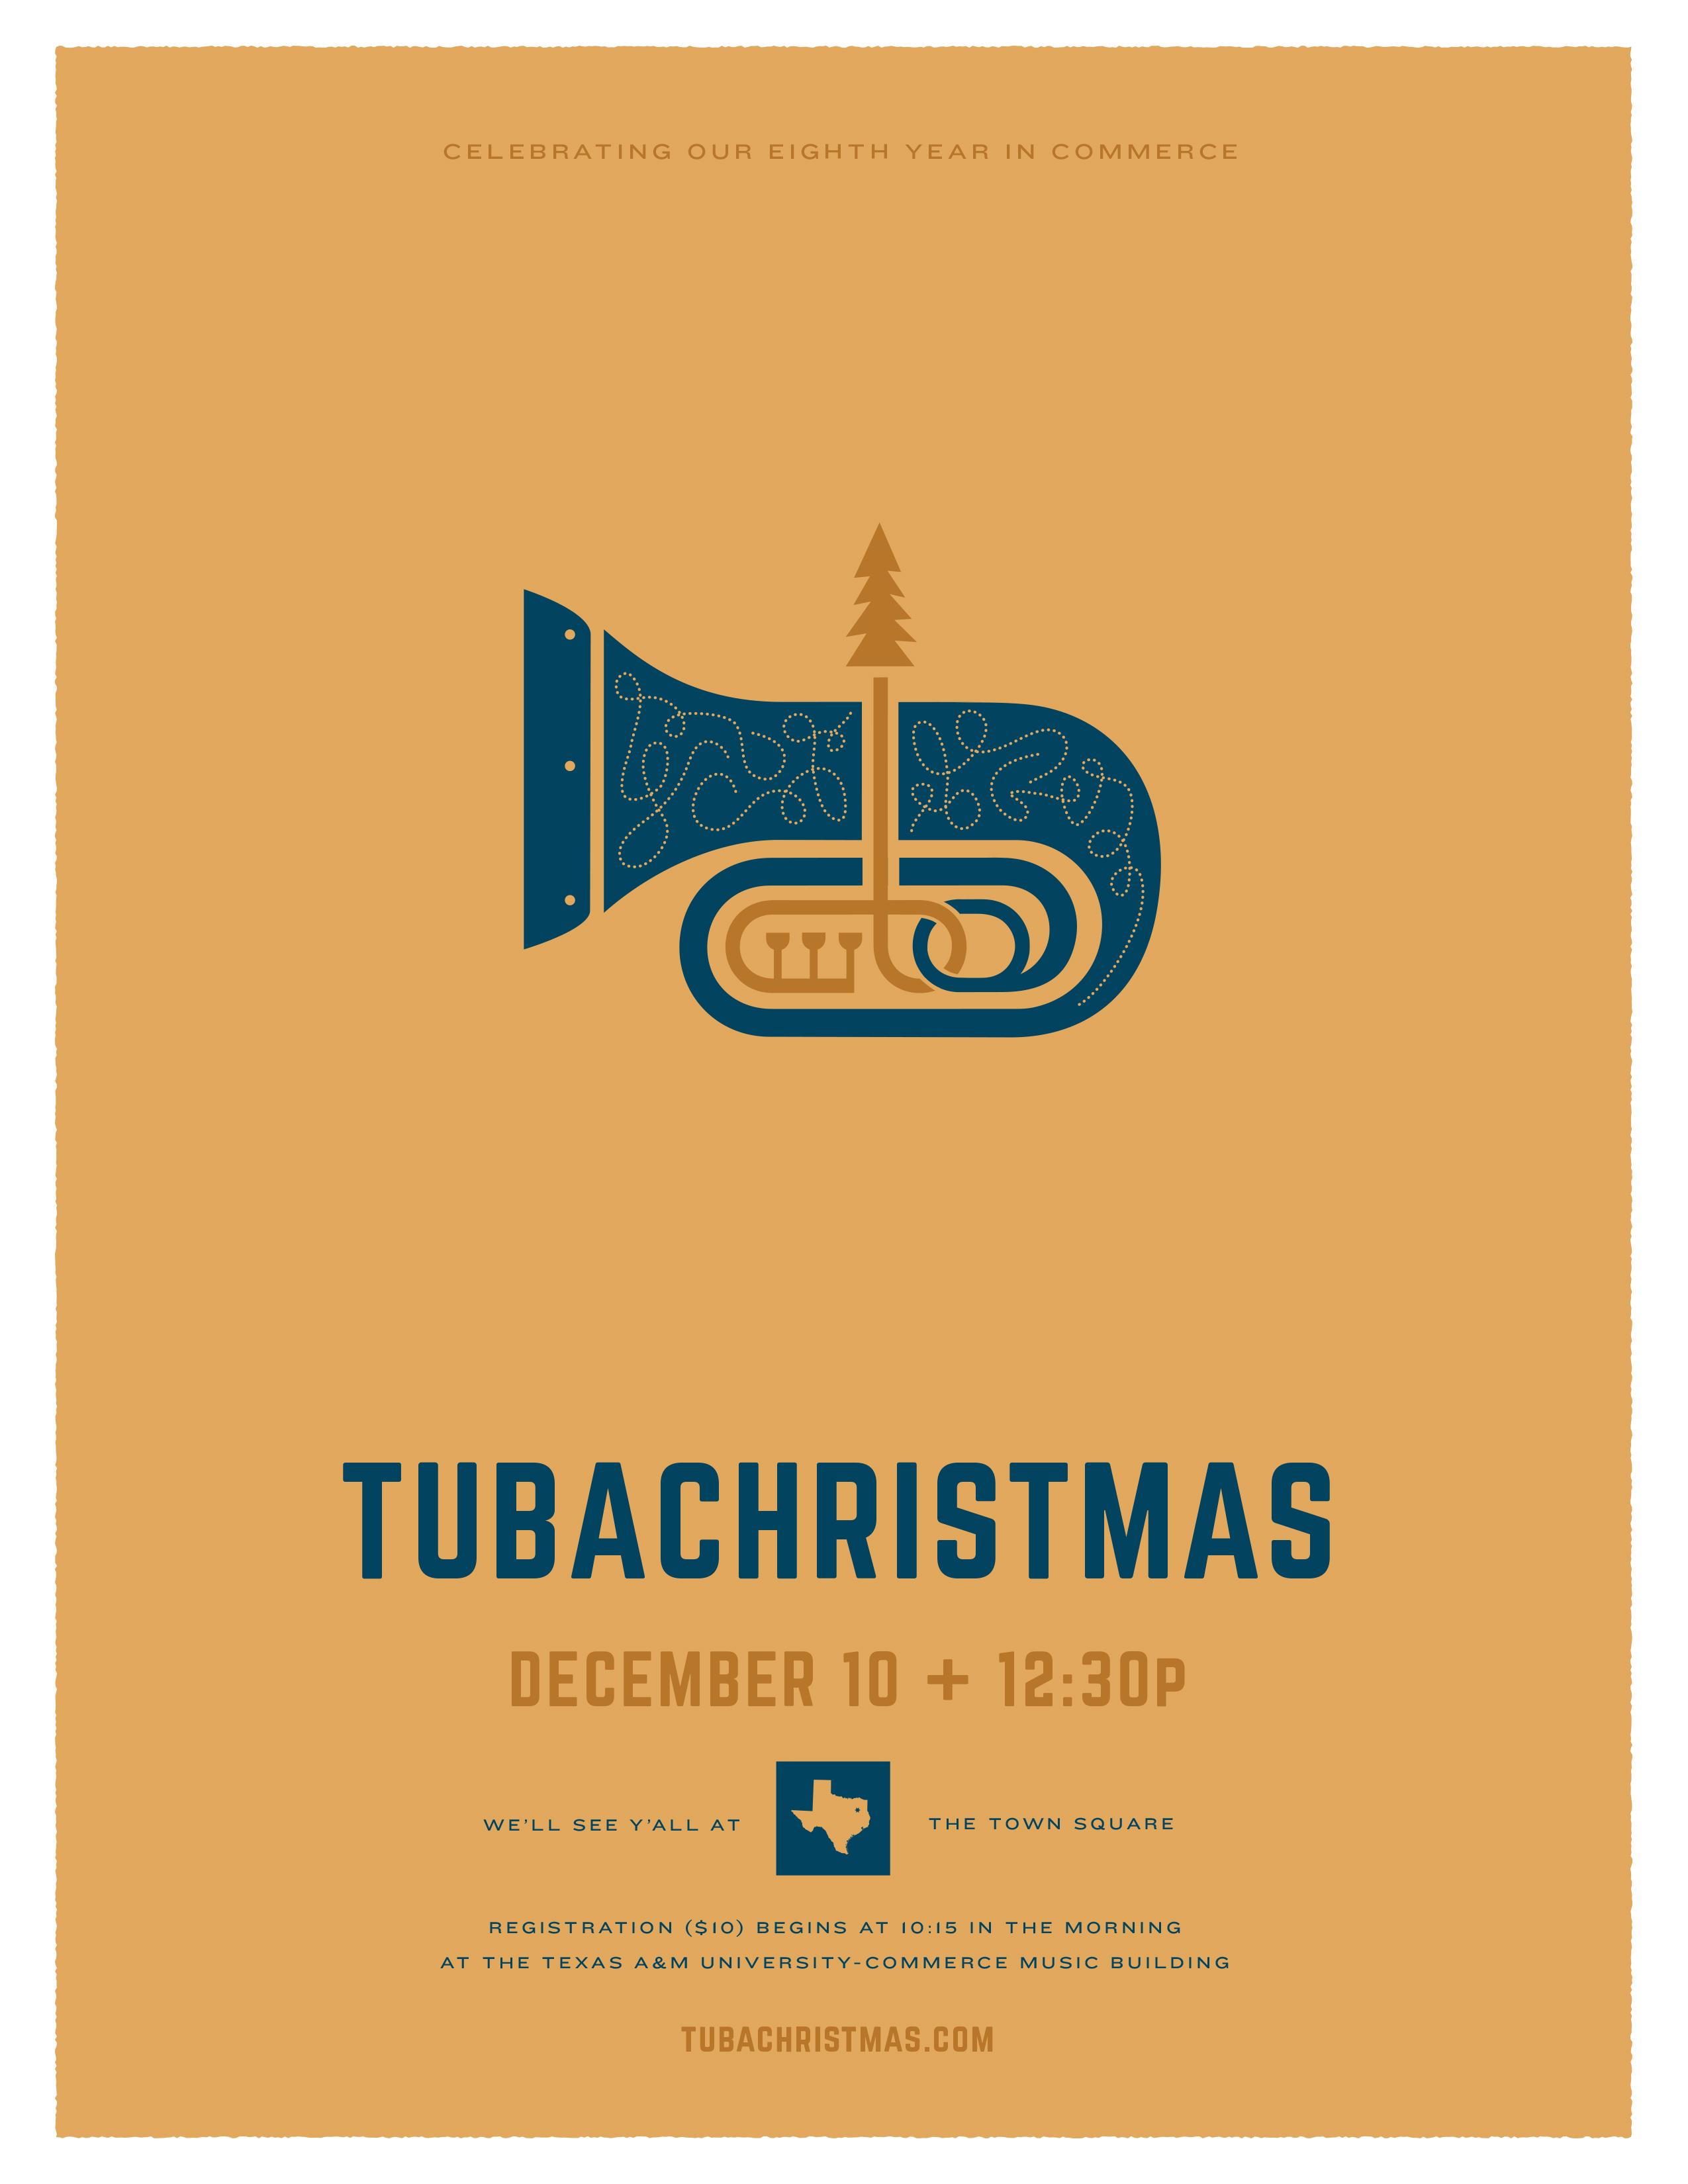 Tuba_Christmas_Poster_Small